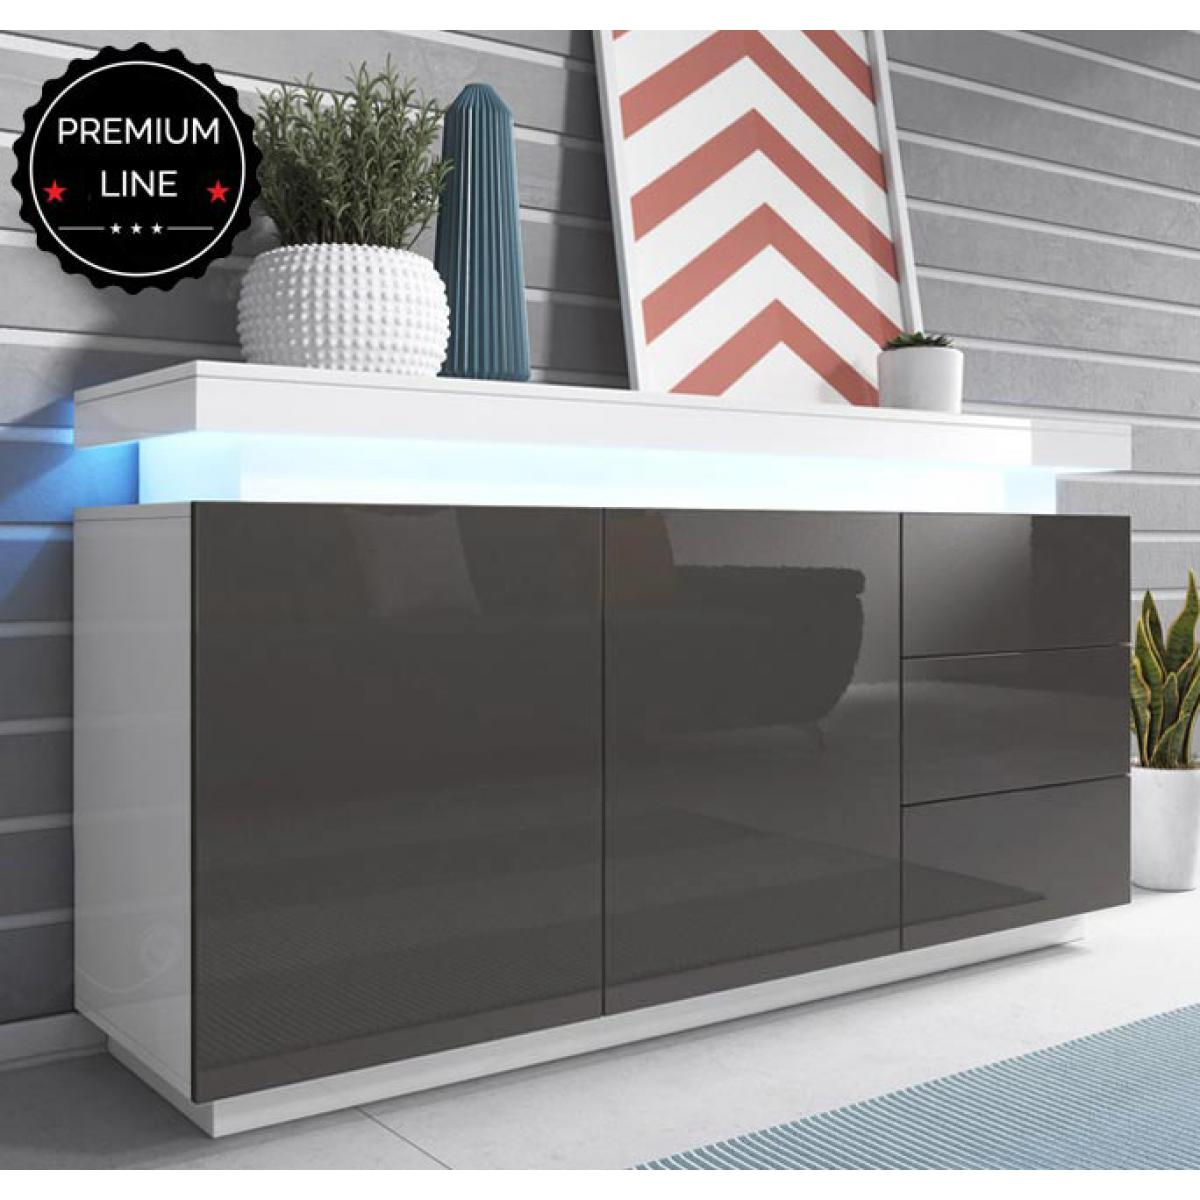 Design Ameublement Bahut modèle Osim couleur blanc et gris